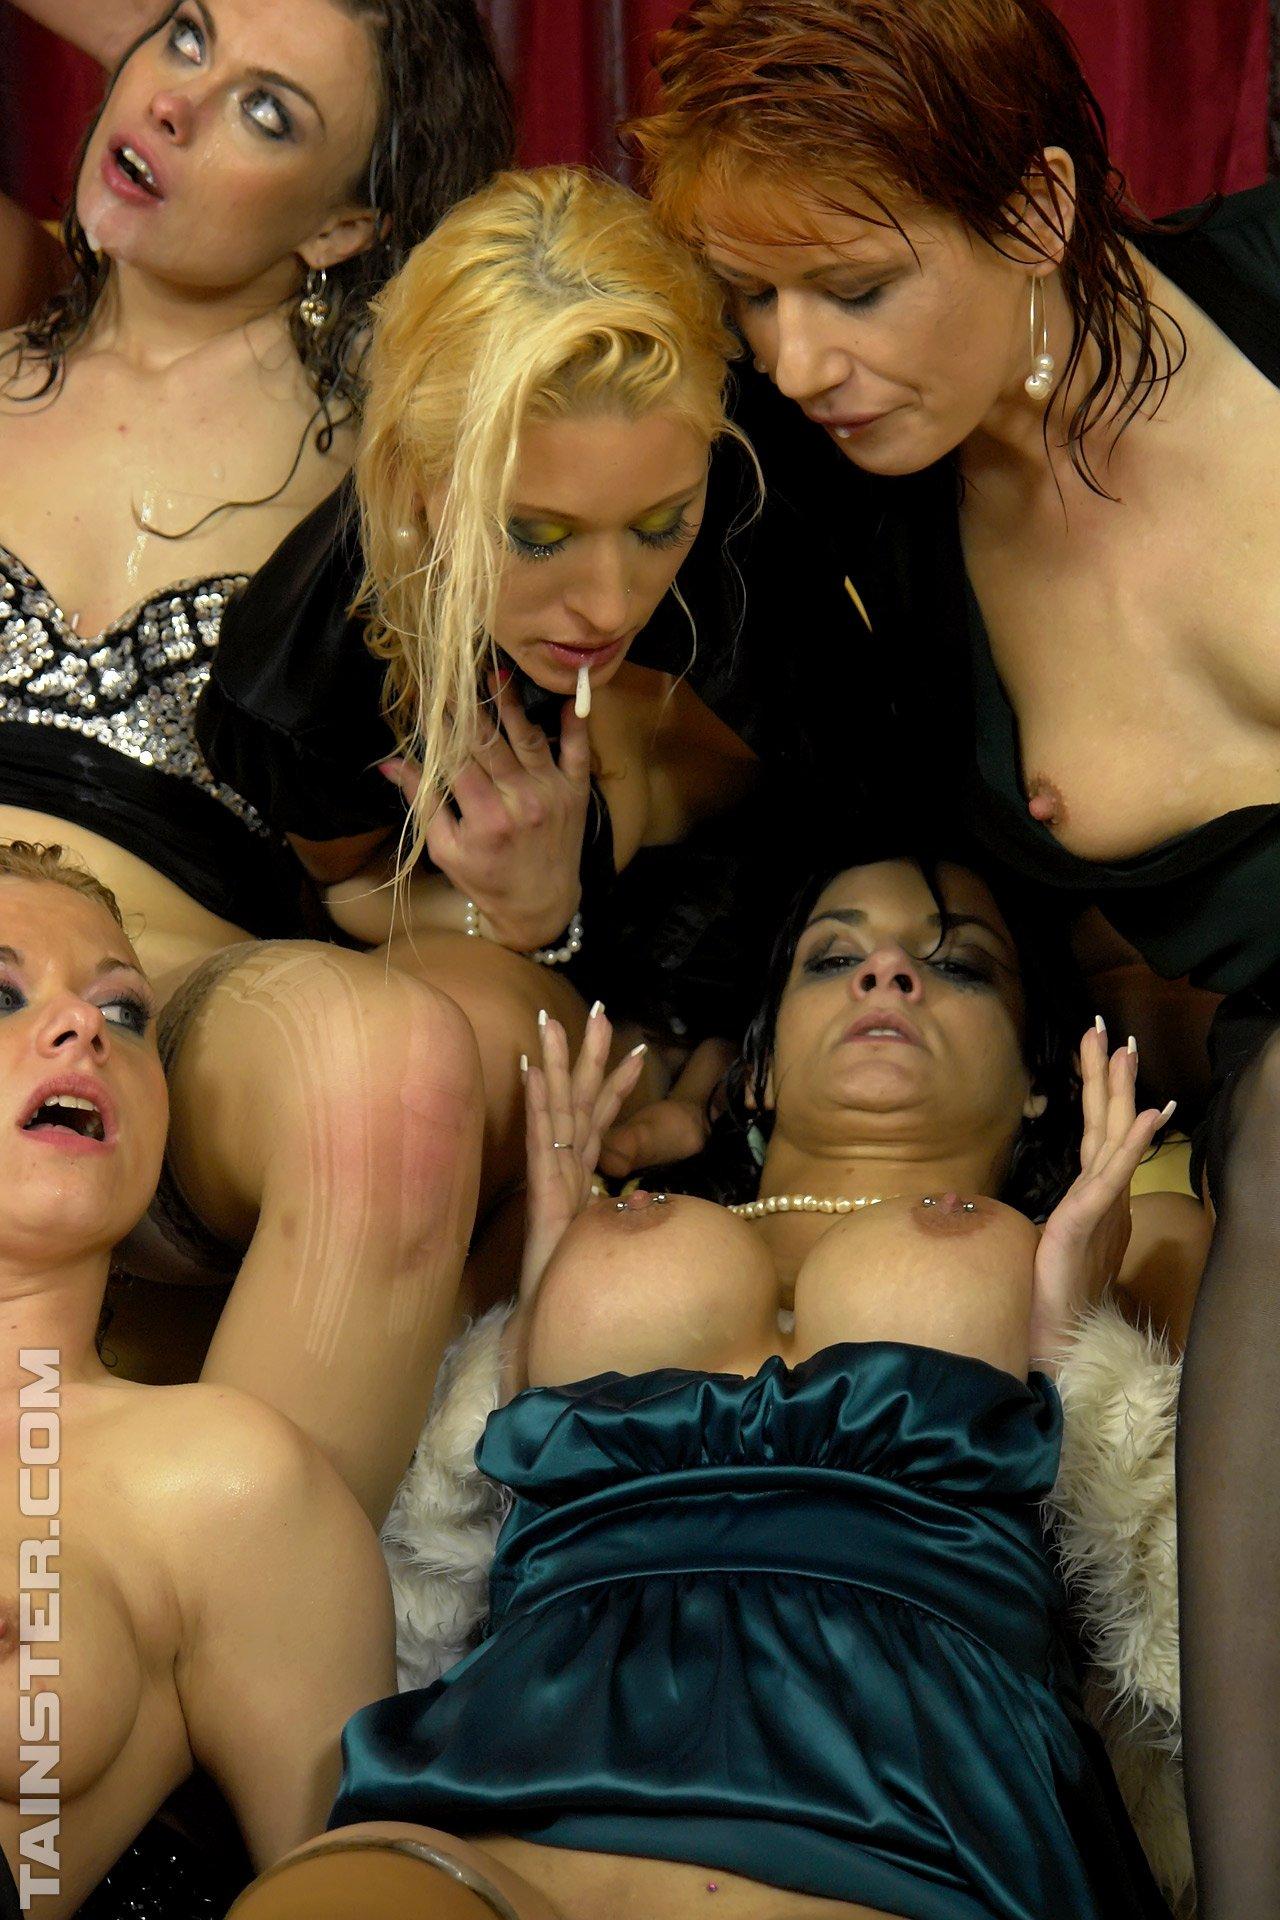 Тотальный обсыкос гламурных женщин в одежде